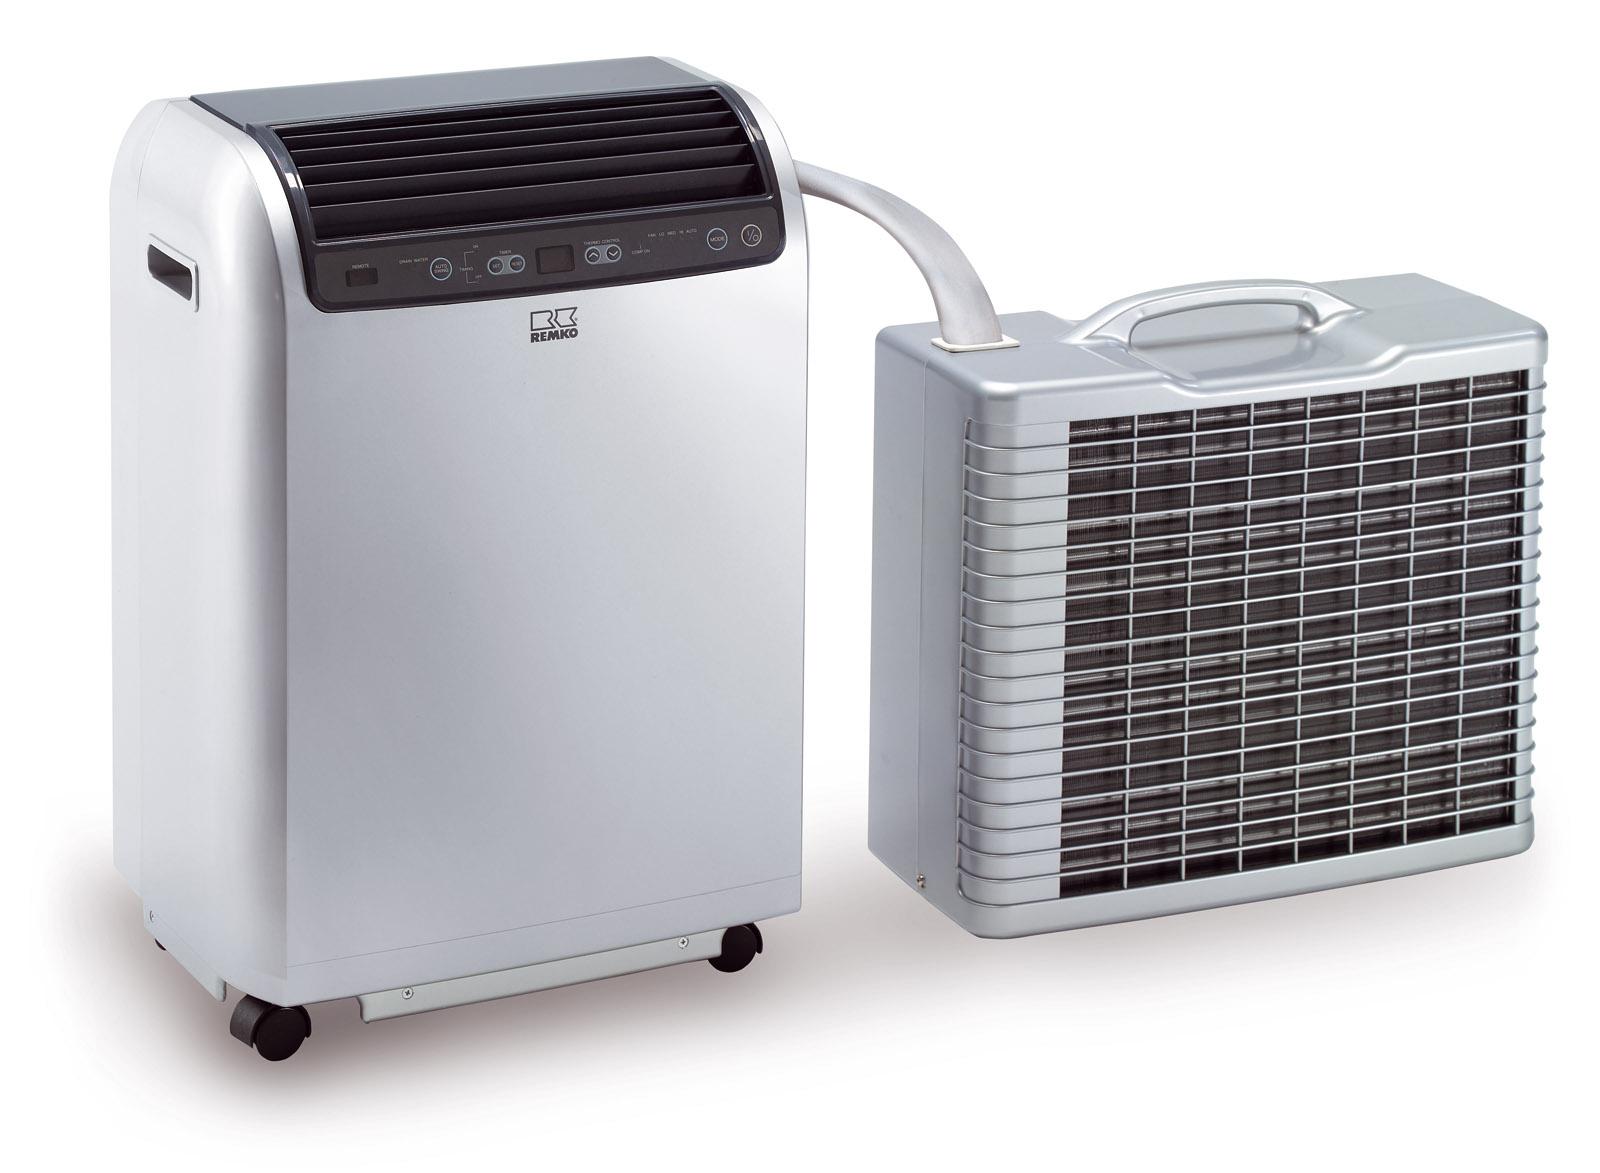 Mobilní klimatizace REMKO RKL491DC S-line + Prodloužená záruka 3 roky + ZDARMA SERVIS bez starostí